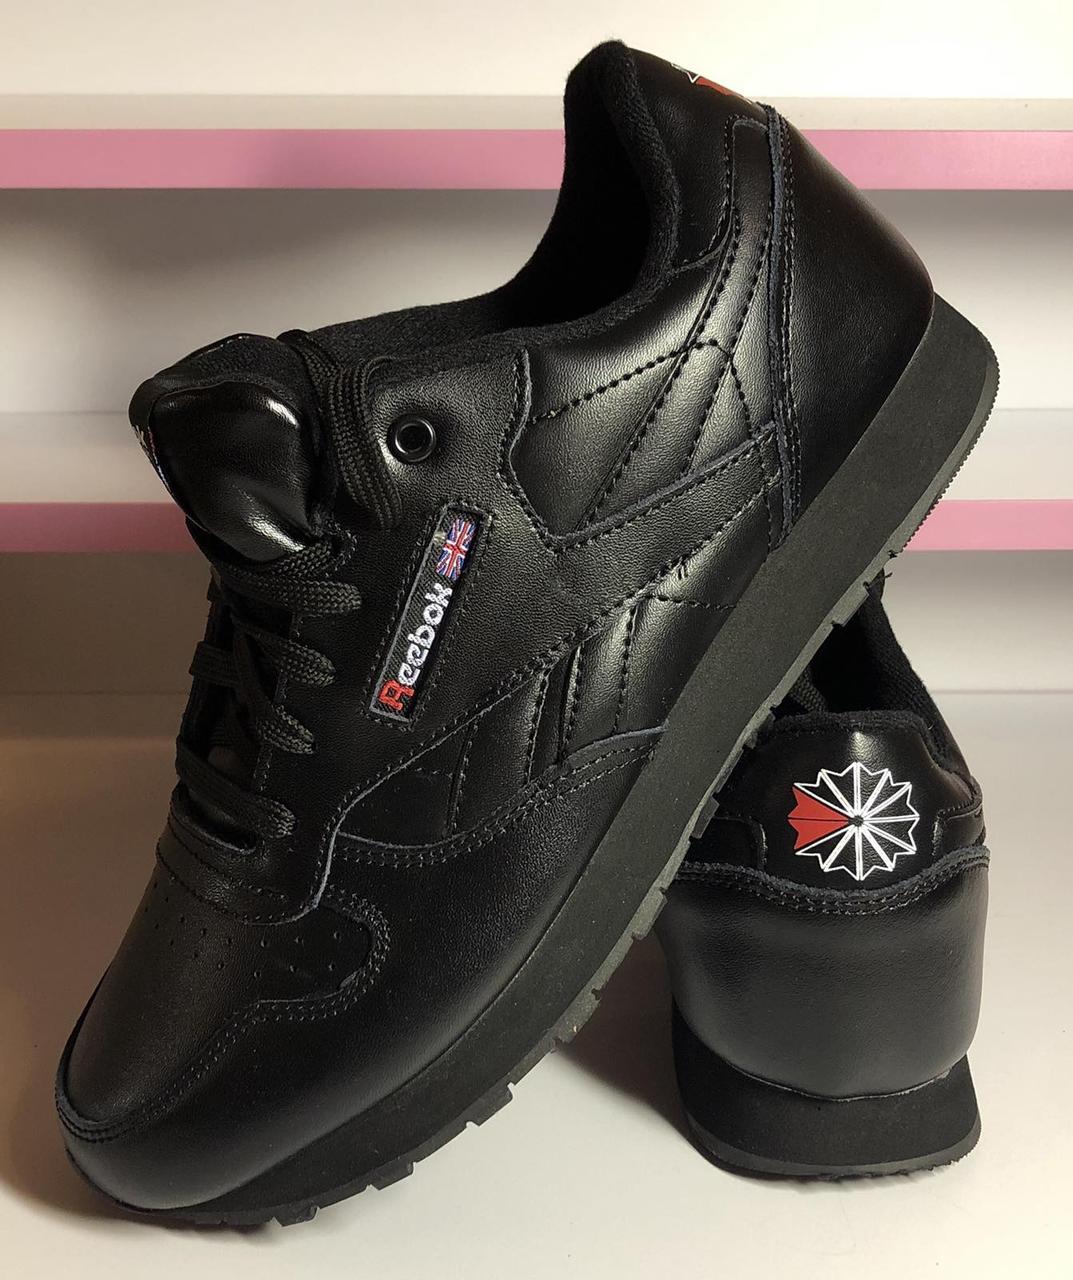 Кожаные демисезонные кроссовки Reebok classic 41-46 размеры, черные кроссовки рибок классик